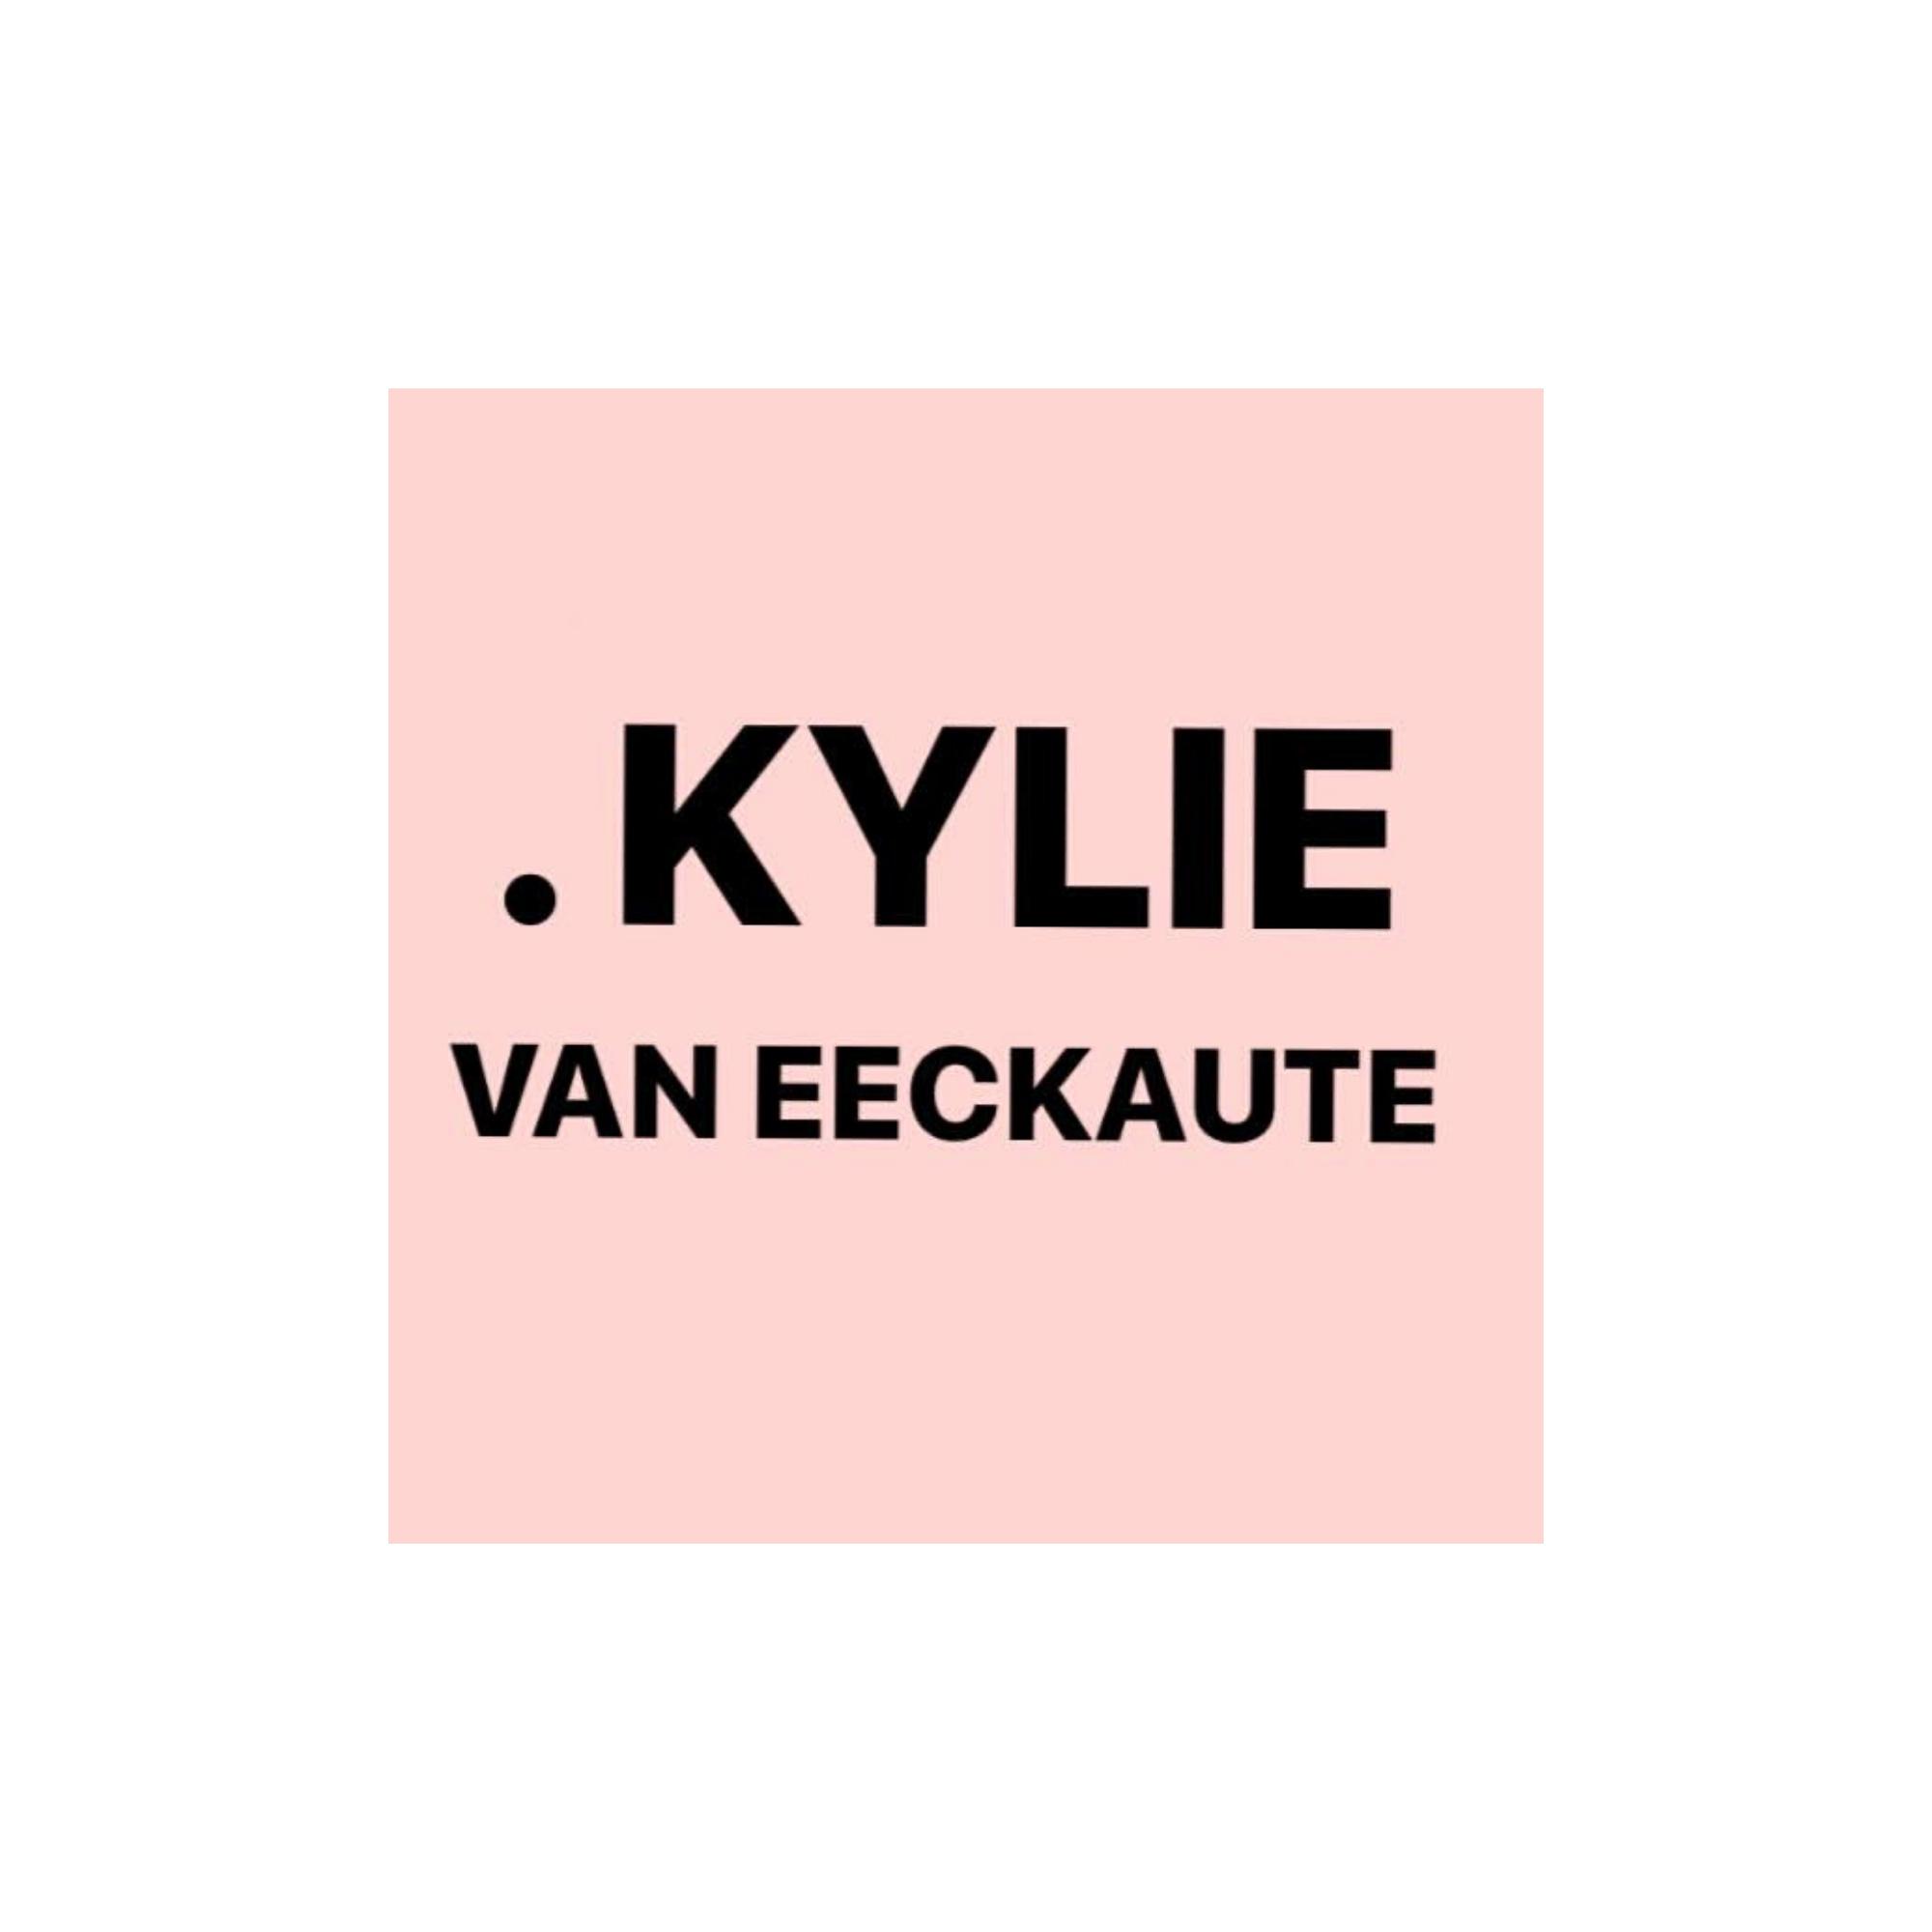 Kylie Van Eeckaute